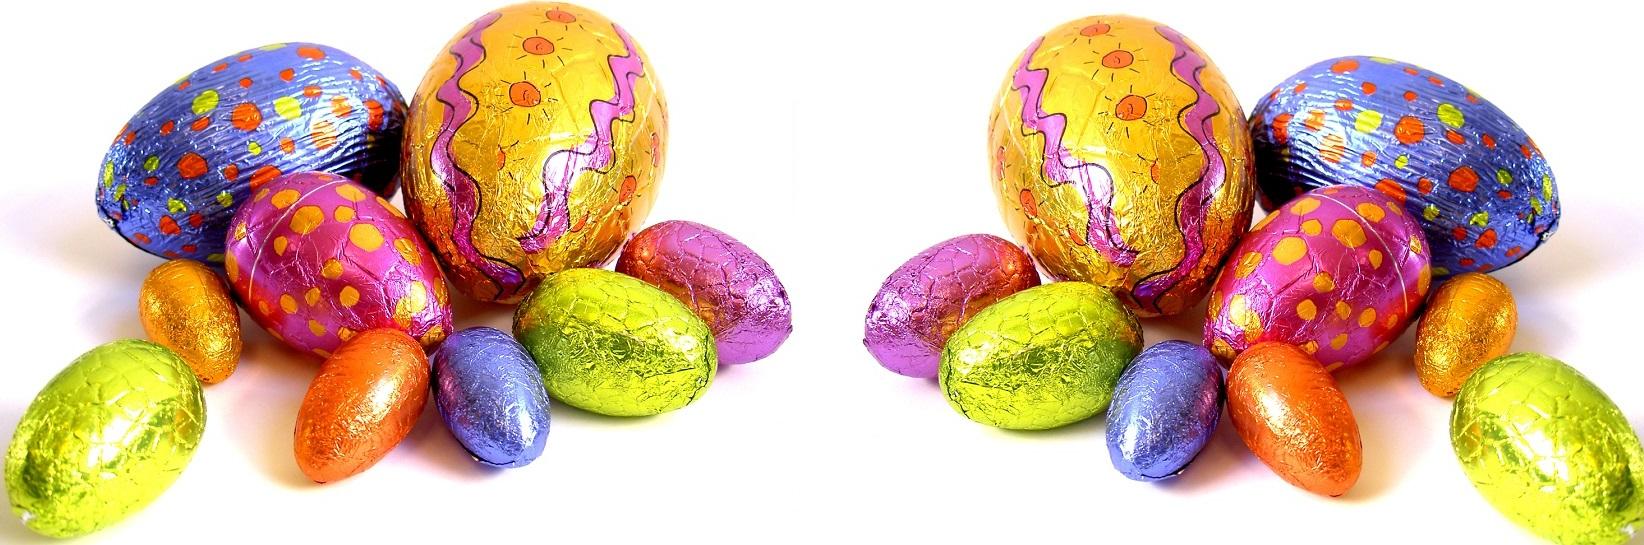 EasterEggs2.jpg